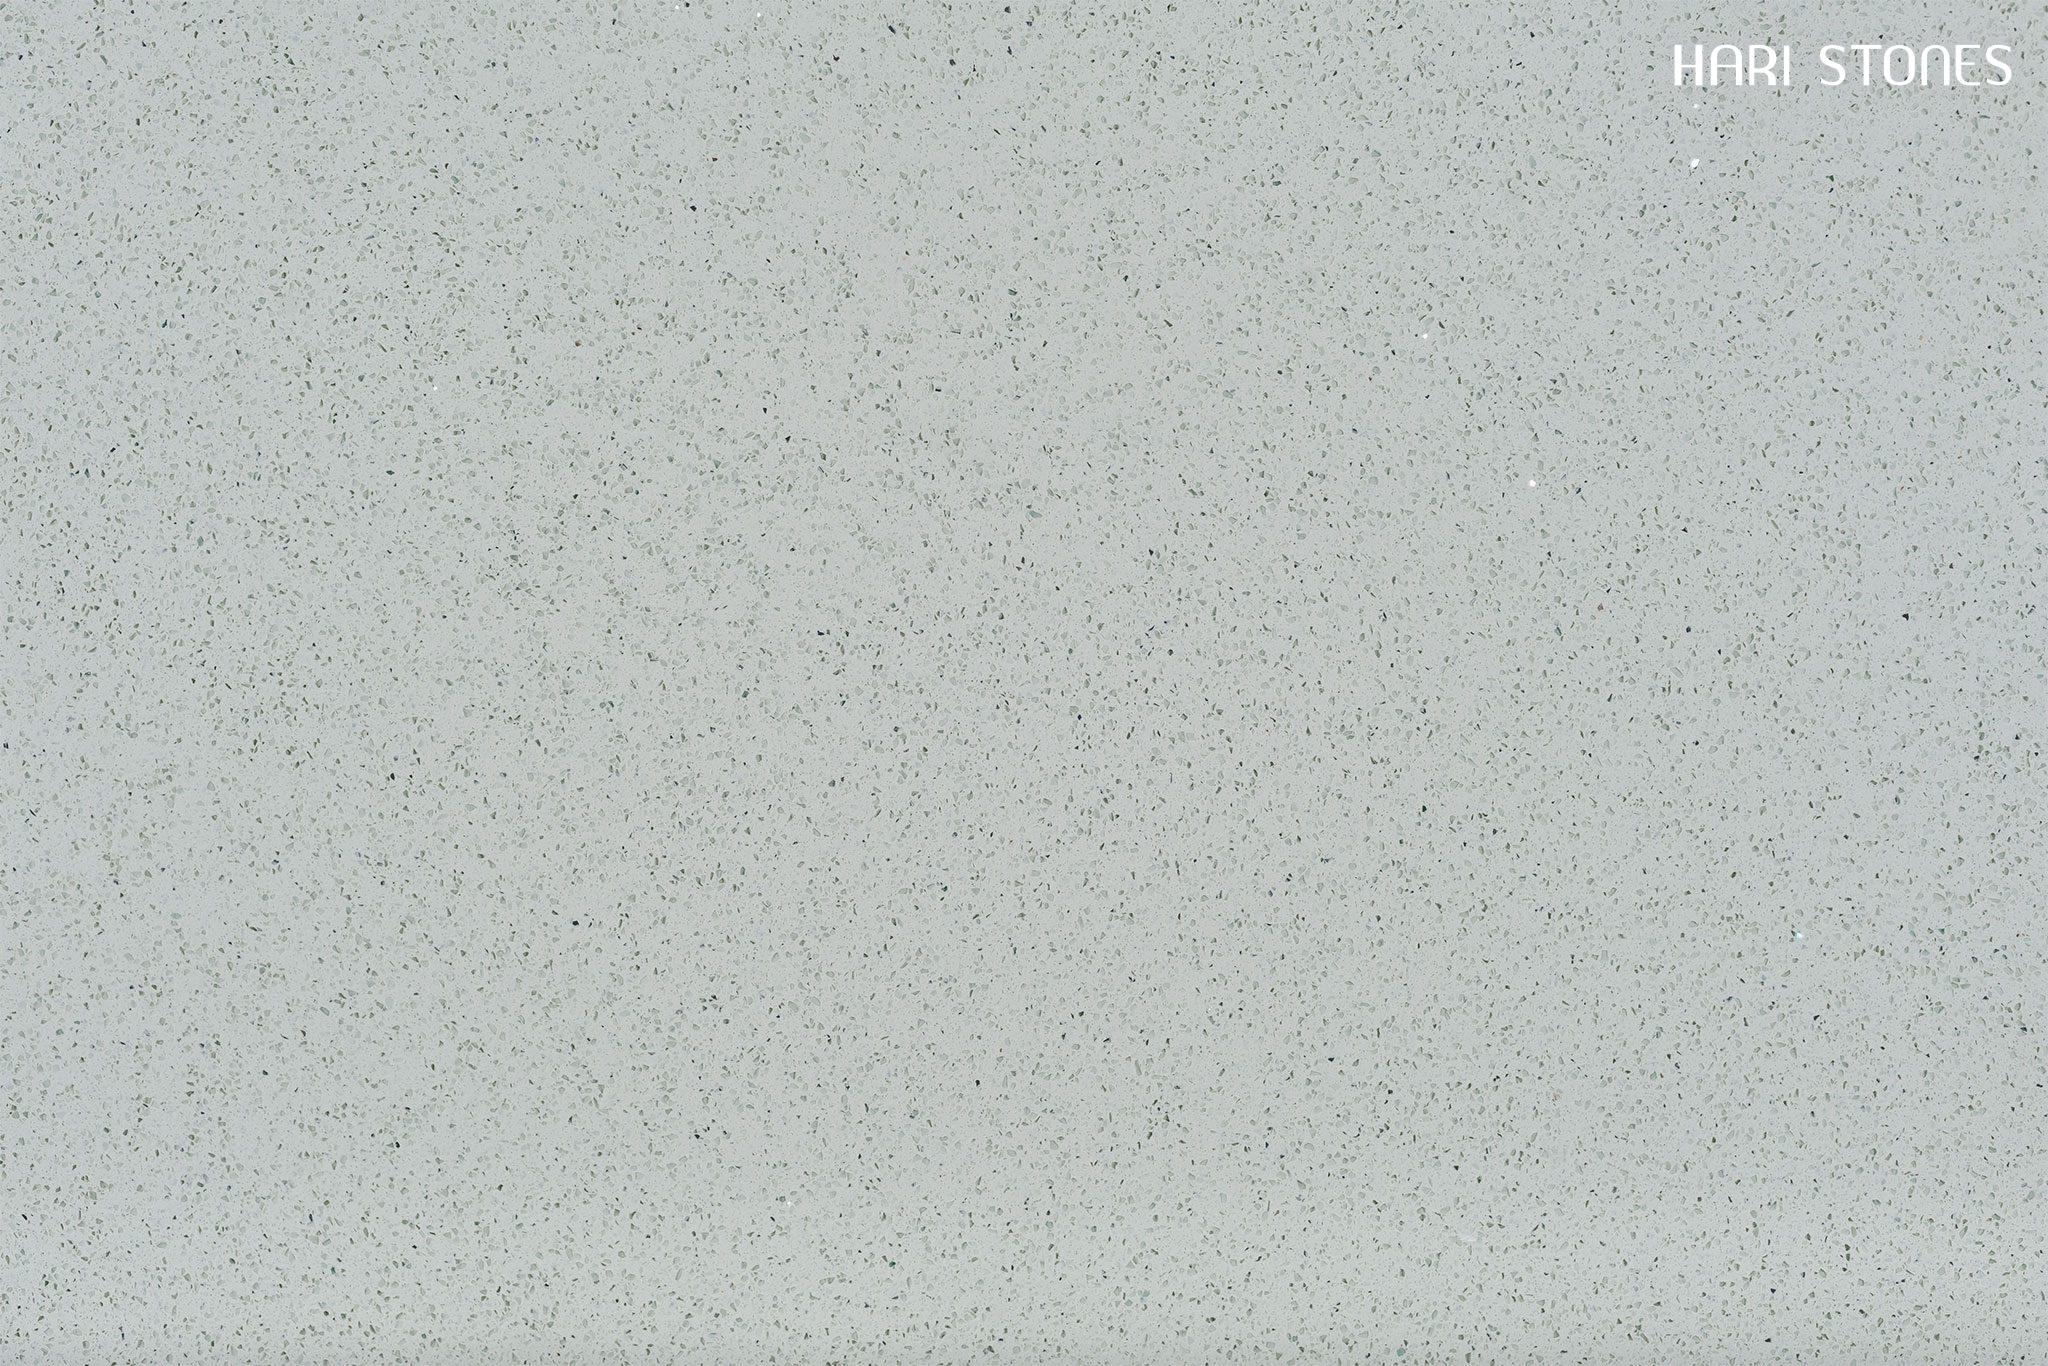 Irah 101 Nano White Slabs Suppliers